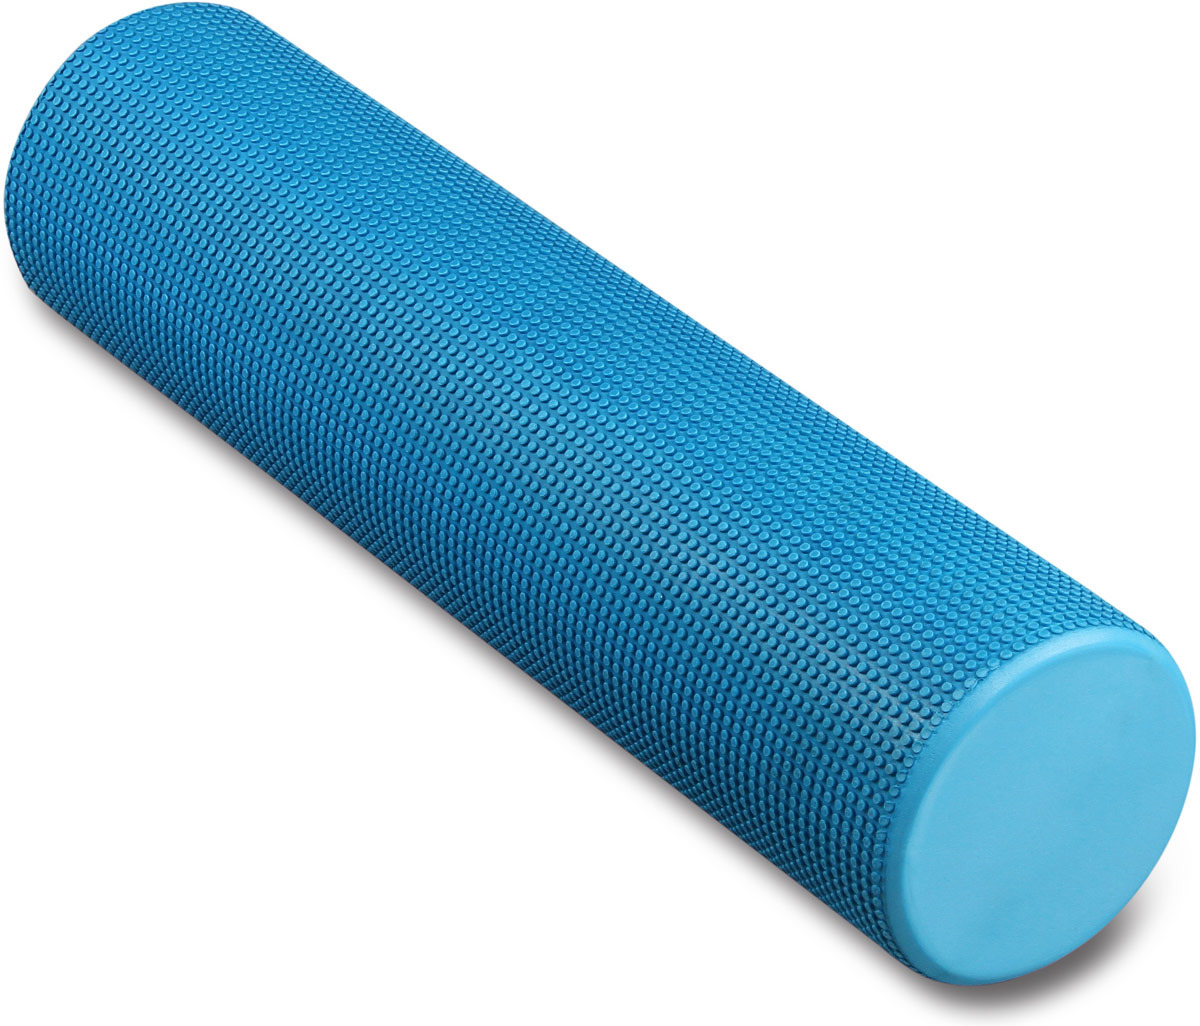 Ролик массажный для йоги Indigo, голубой, 15 х 60 см ролик массажный torneo электрический